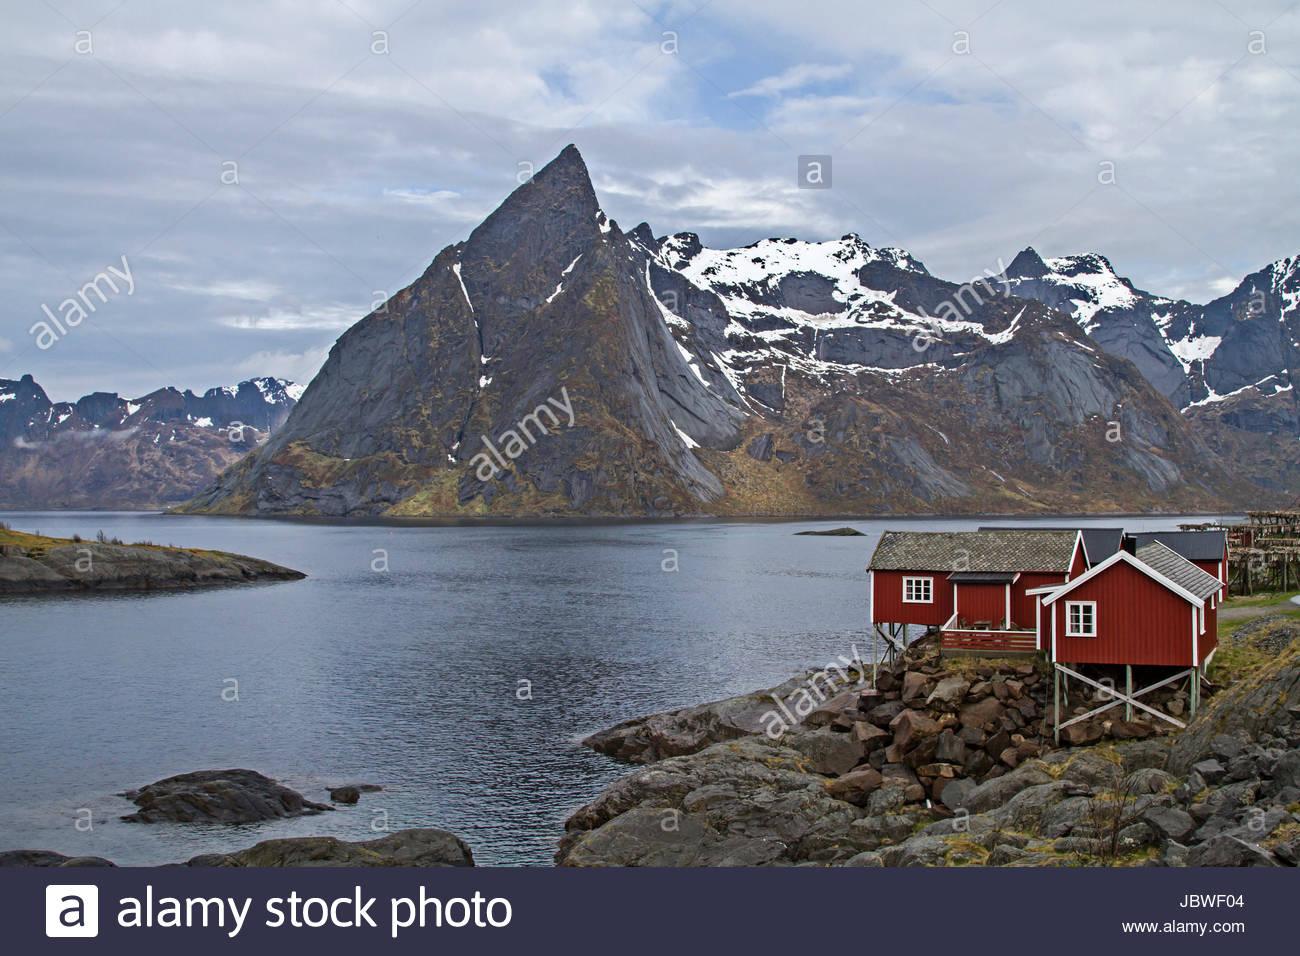 Hamnoy - idyllischer Fischerort vor den grandiosen Gipfeln der Lofotenmauer Stock Photo